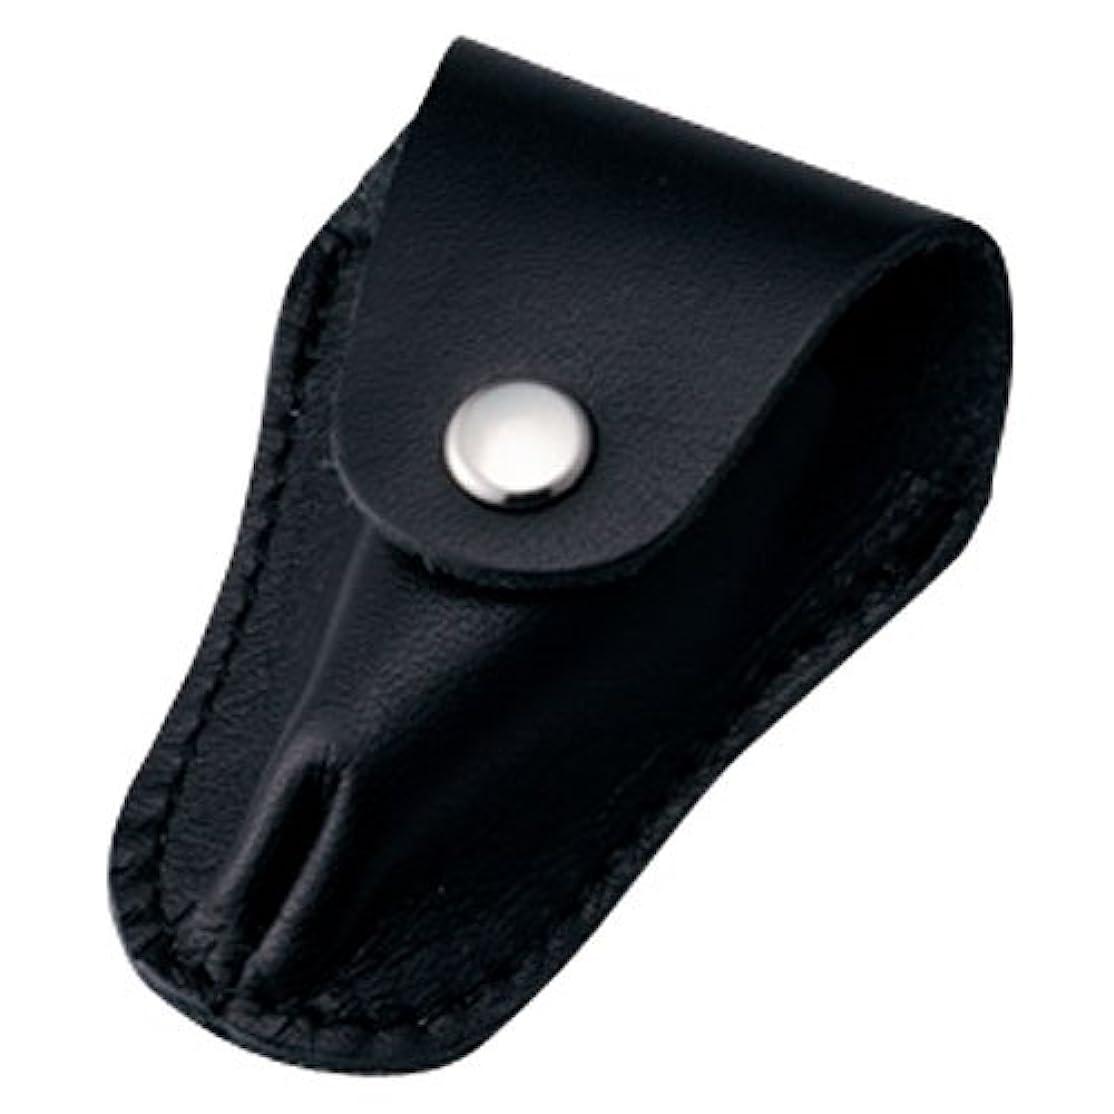 一般化する活性化するいちゃつく内海 ニッパーキャップL ブラック 本革製のキューティクルニッパー用刃先カバー